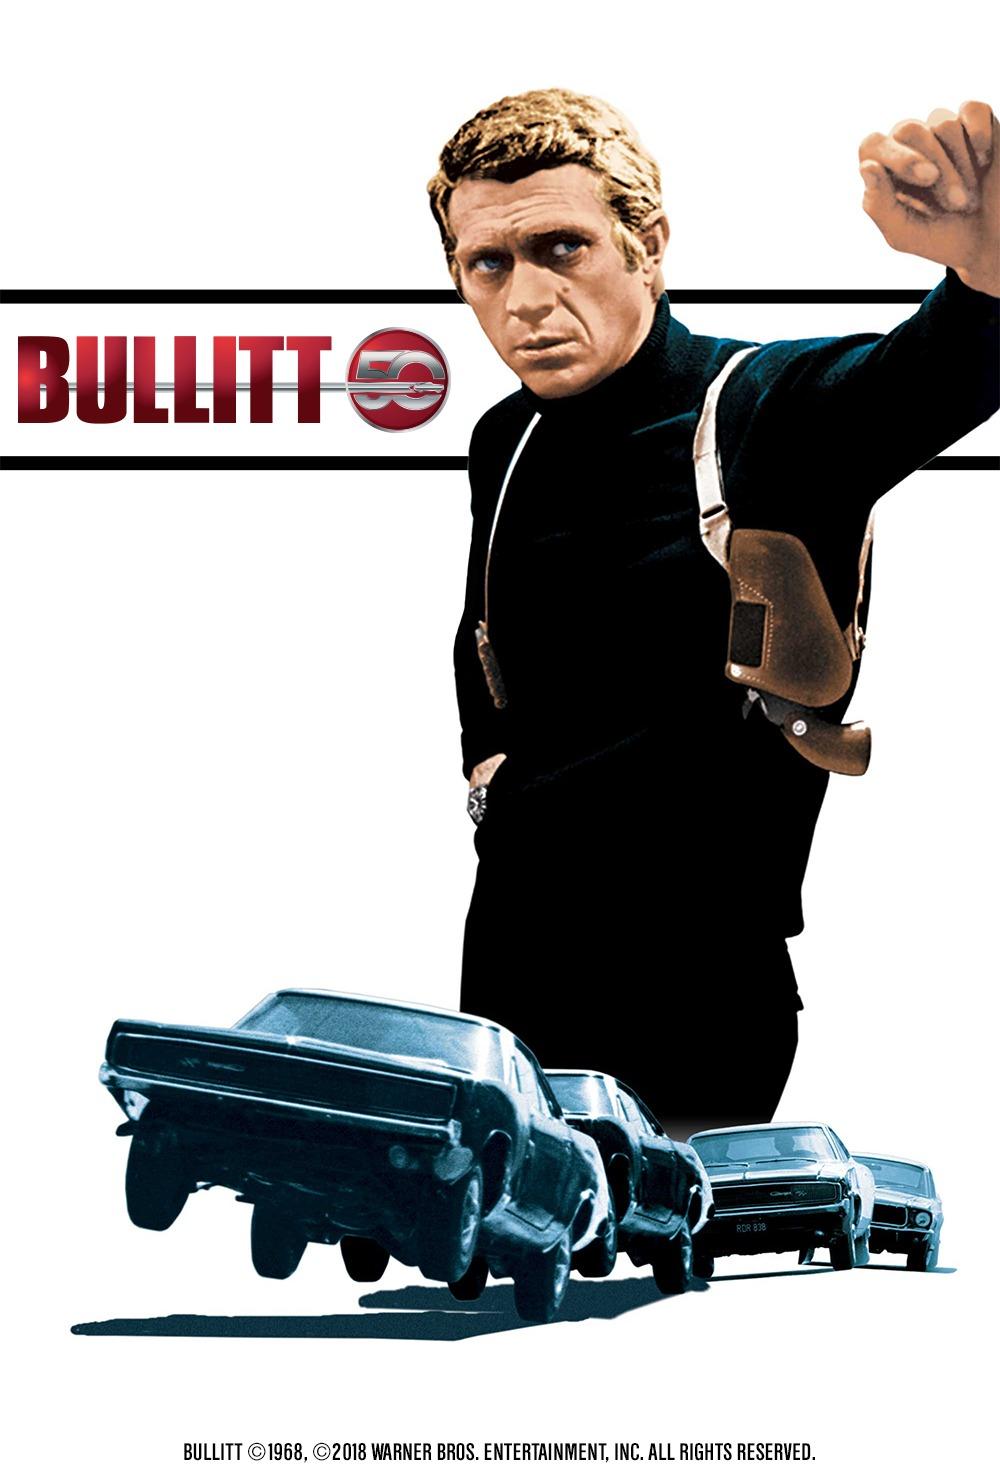 bullitt-2-1488d74e0e48a0c58a1a025fc33ef5bb.jpg